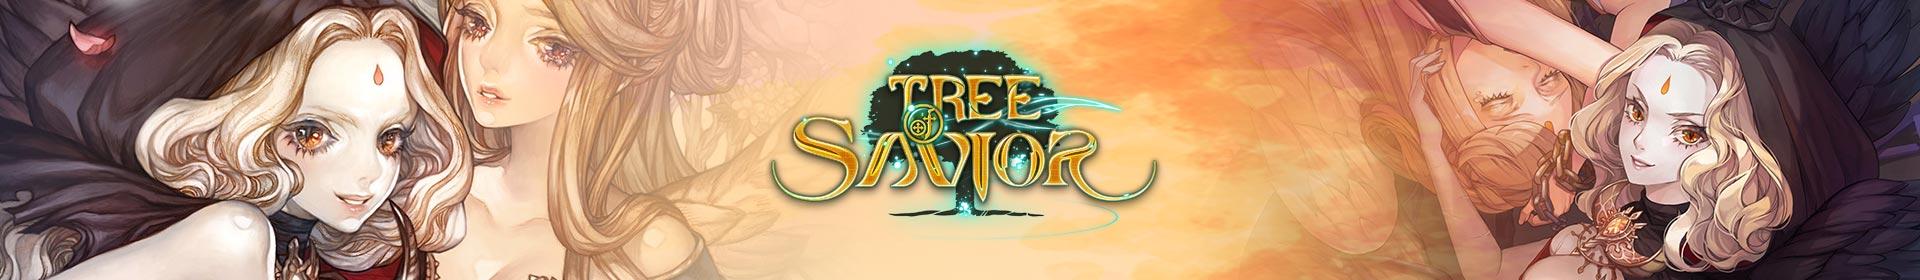 Tree of Savior Silver